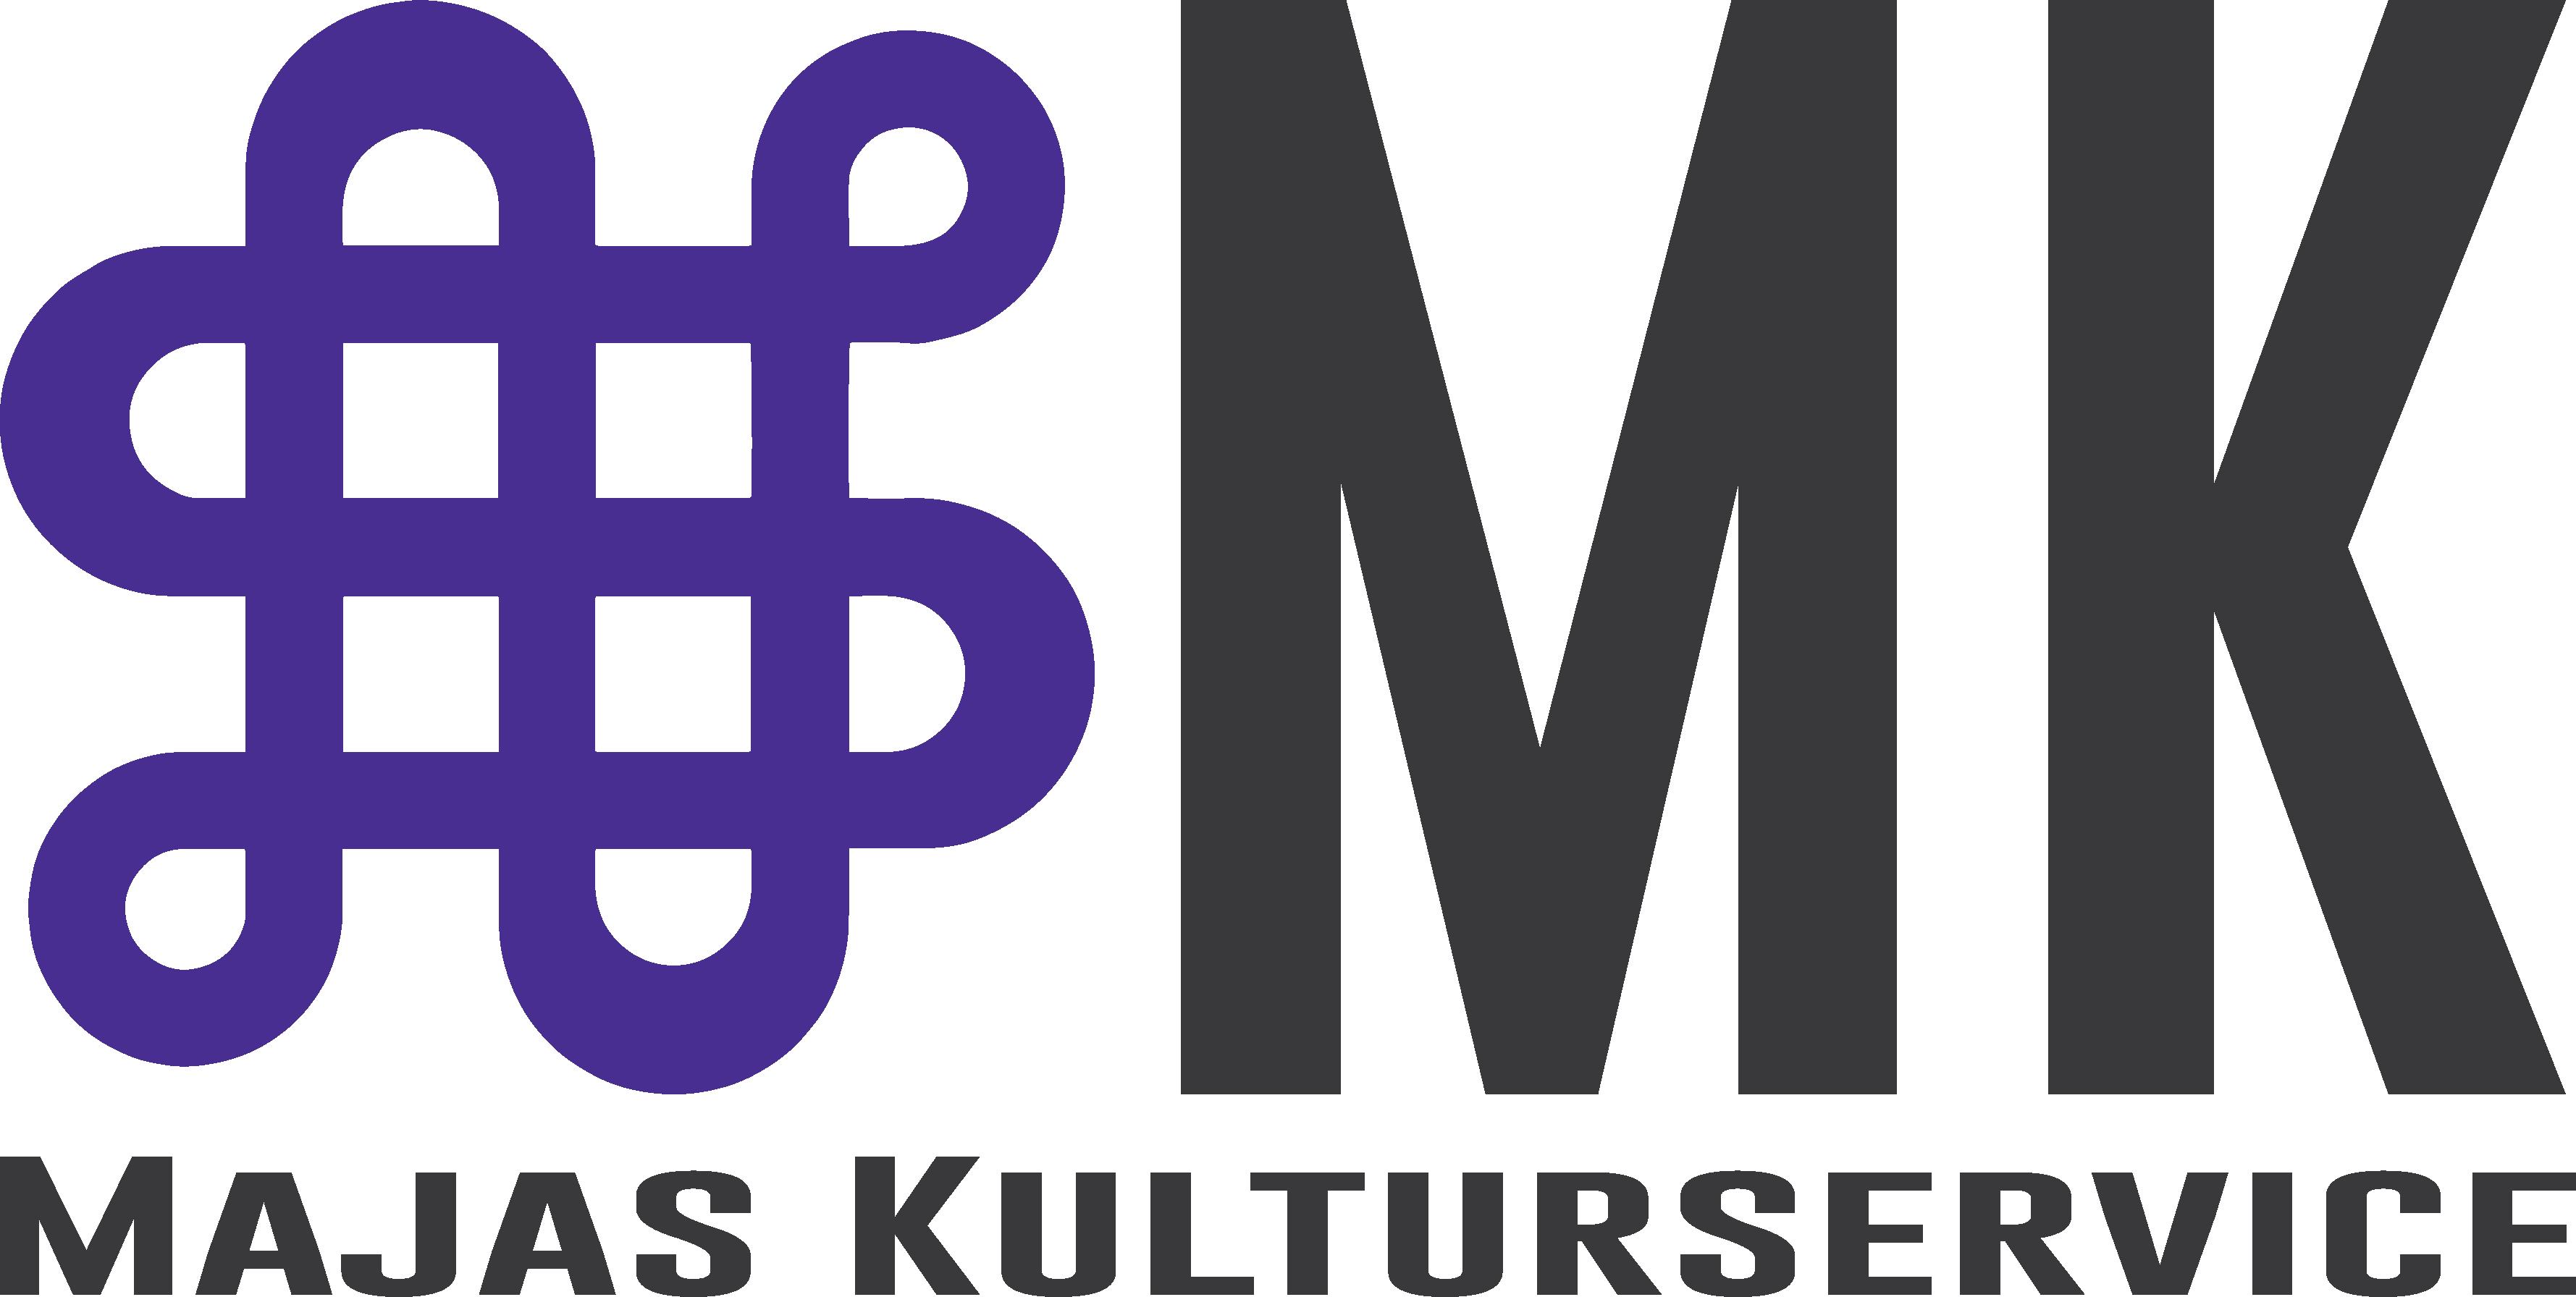 MAJAS KULTURSERVICE